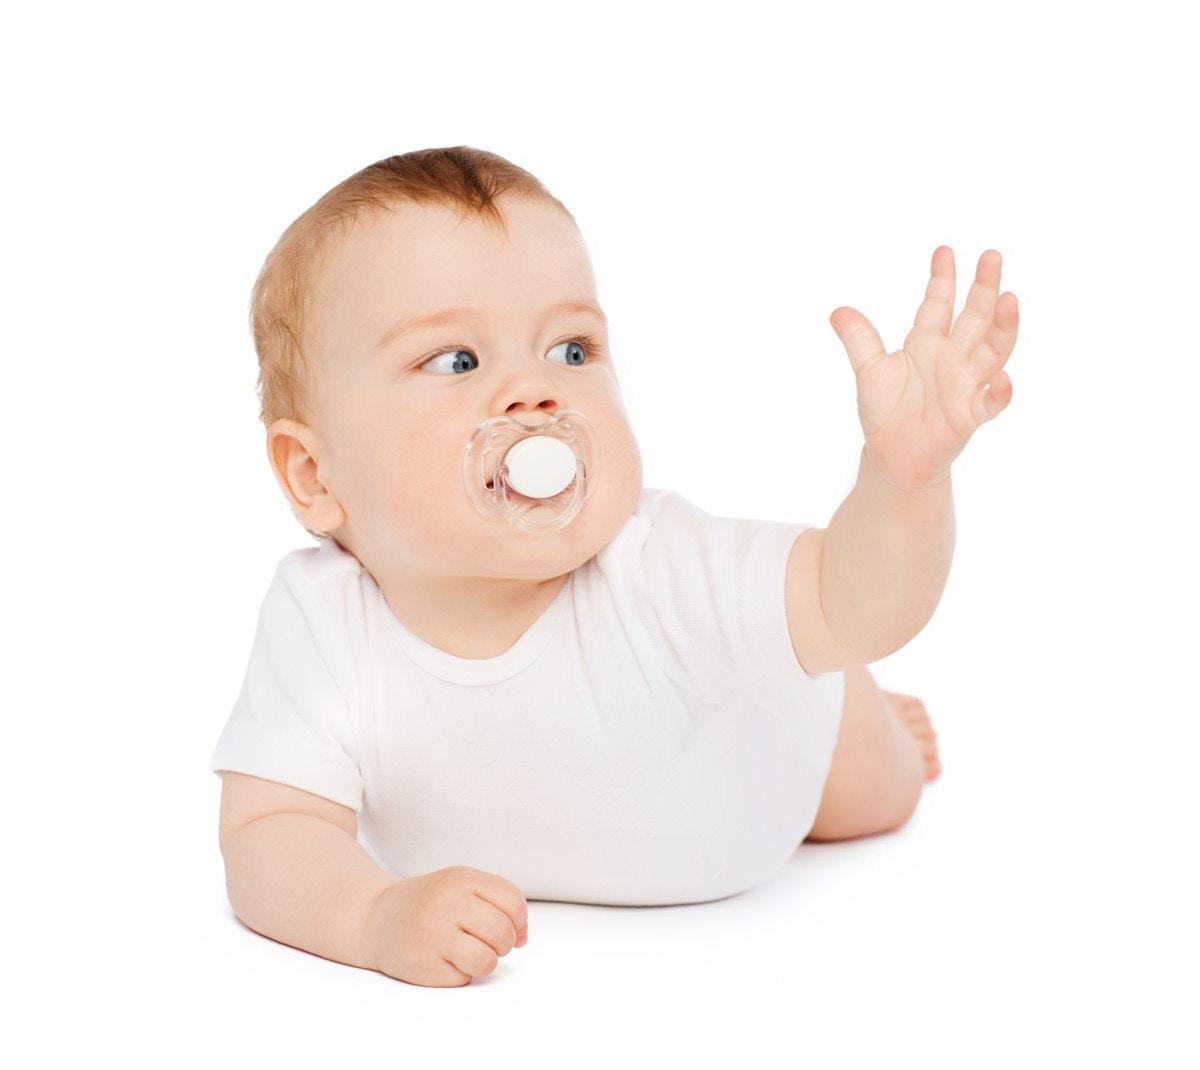 3b6703541b583 生後6ヶ月の赤ちゃんの特徴とは?身長と体重や授乳との関係、ママの体験談など  ママリ